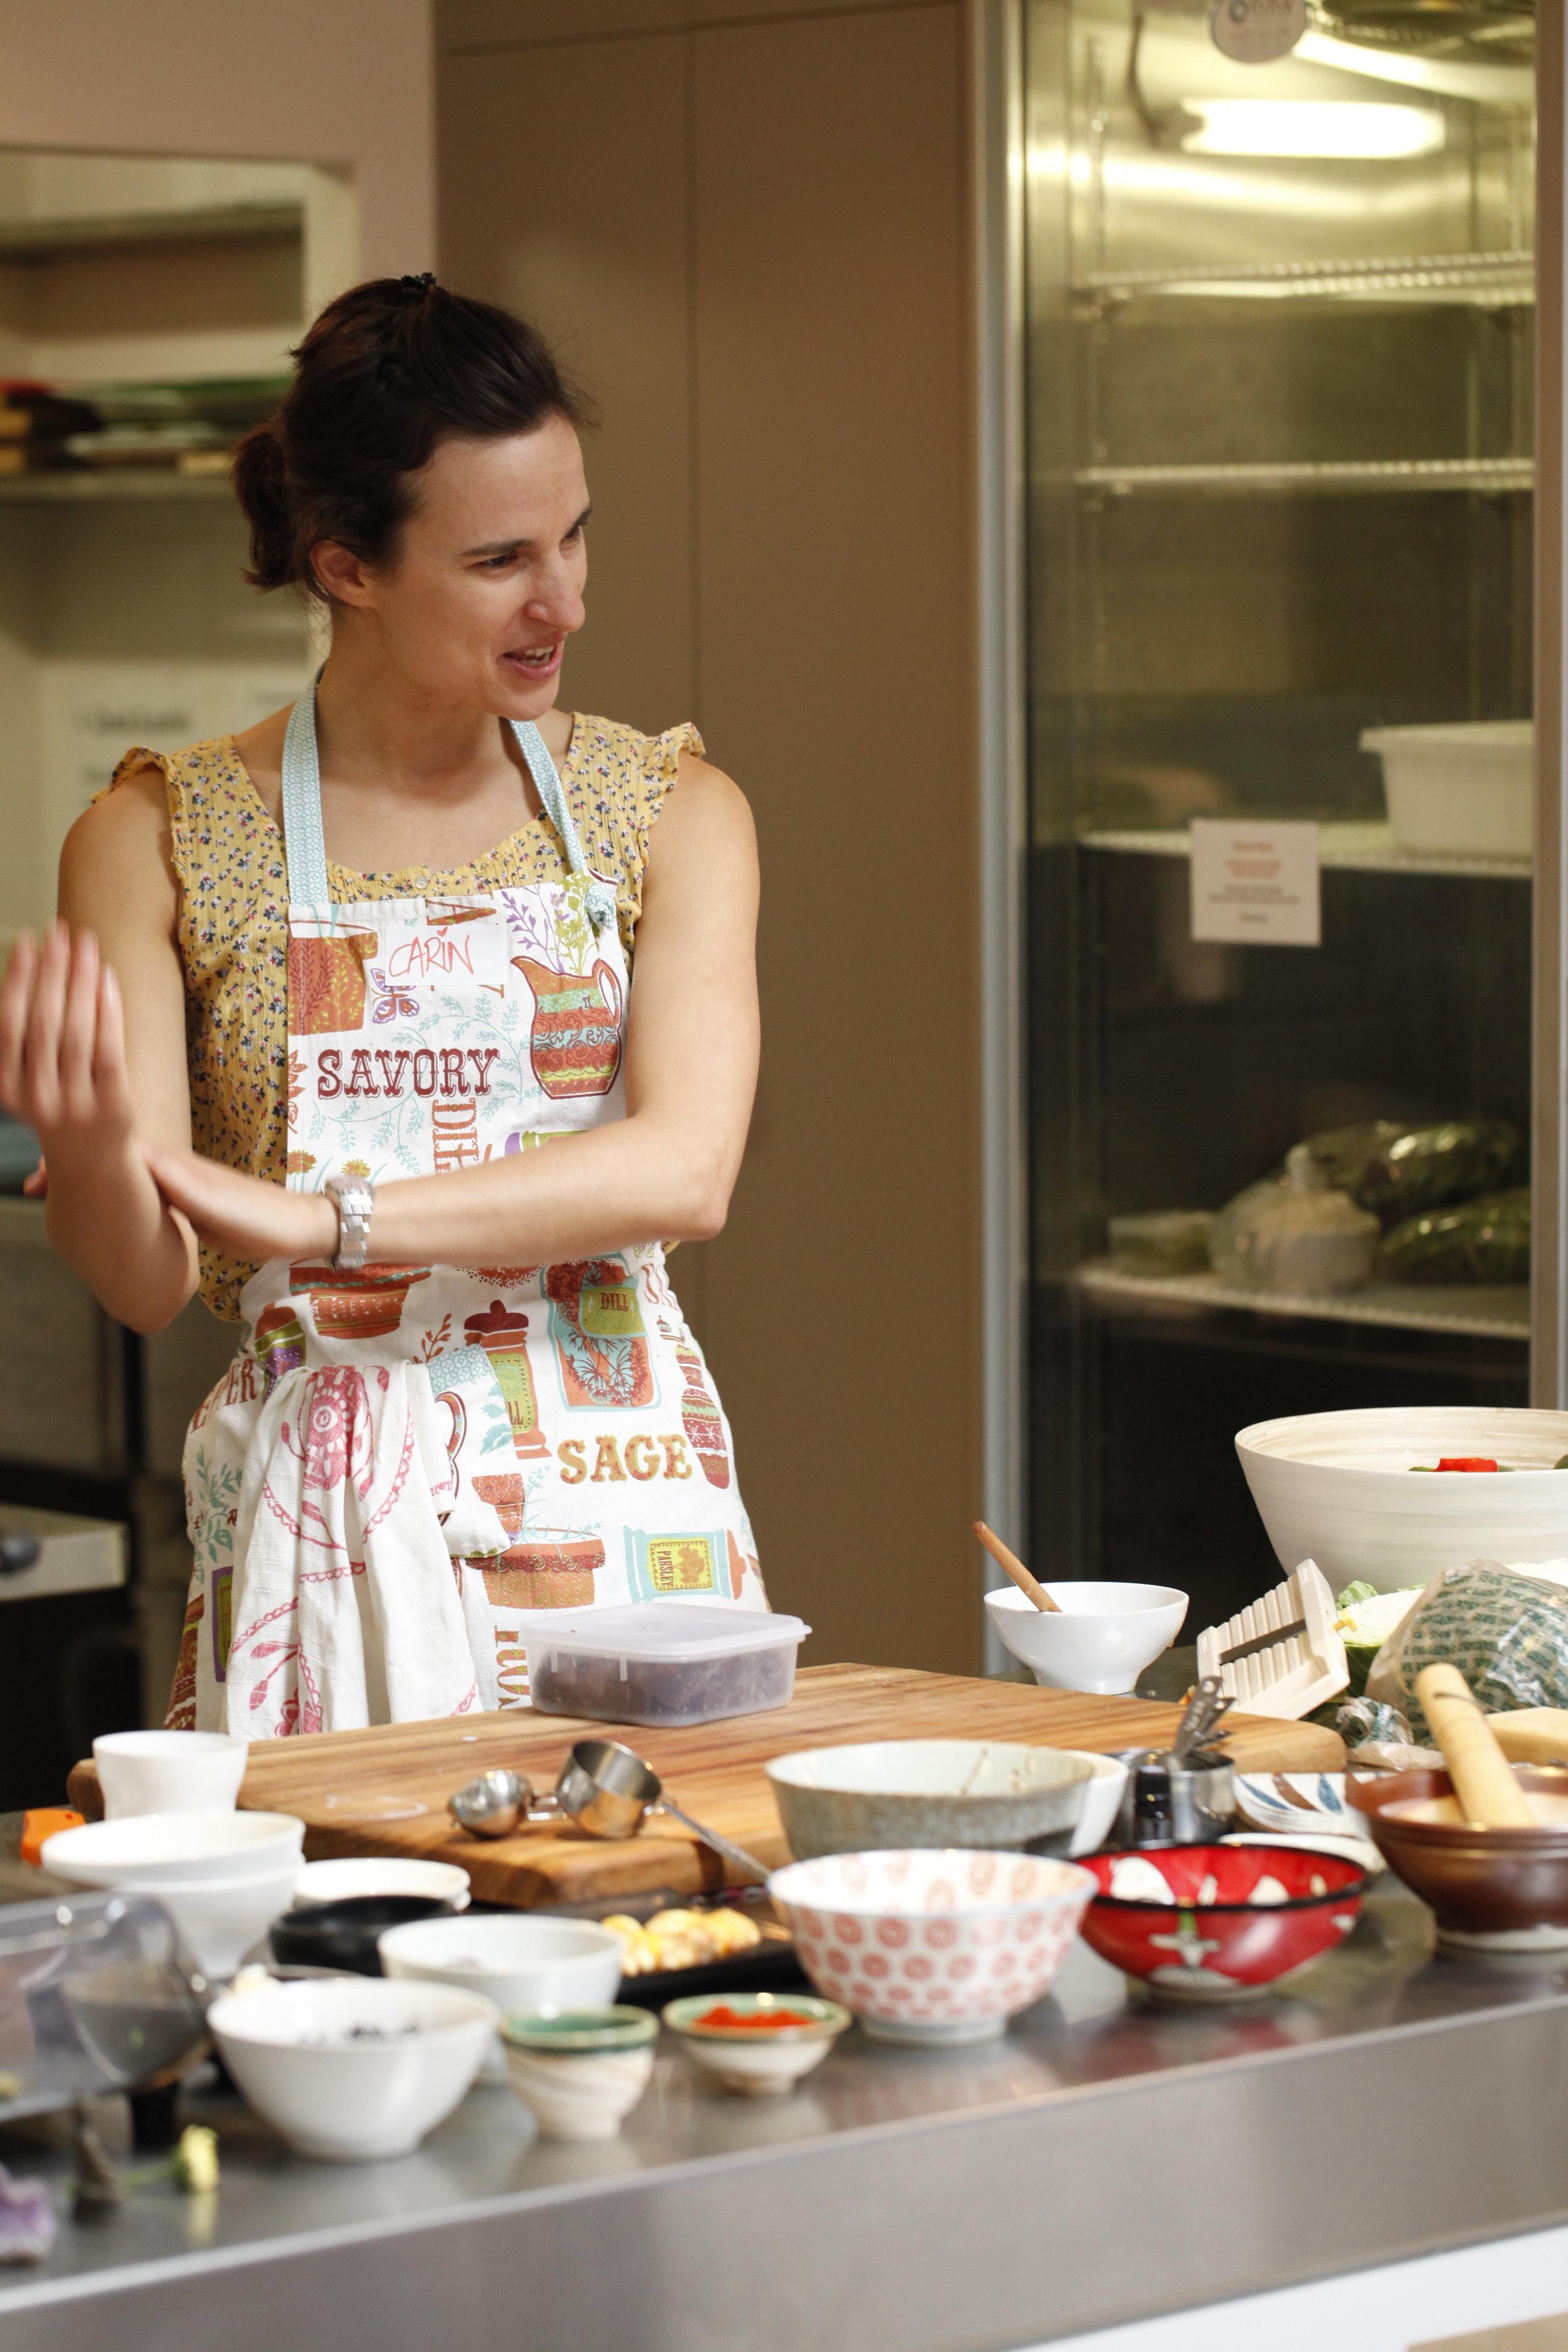 carin kitchen class 3.JPG